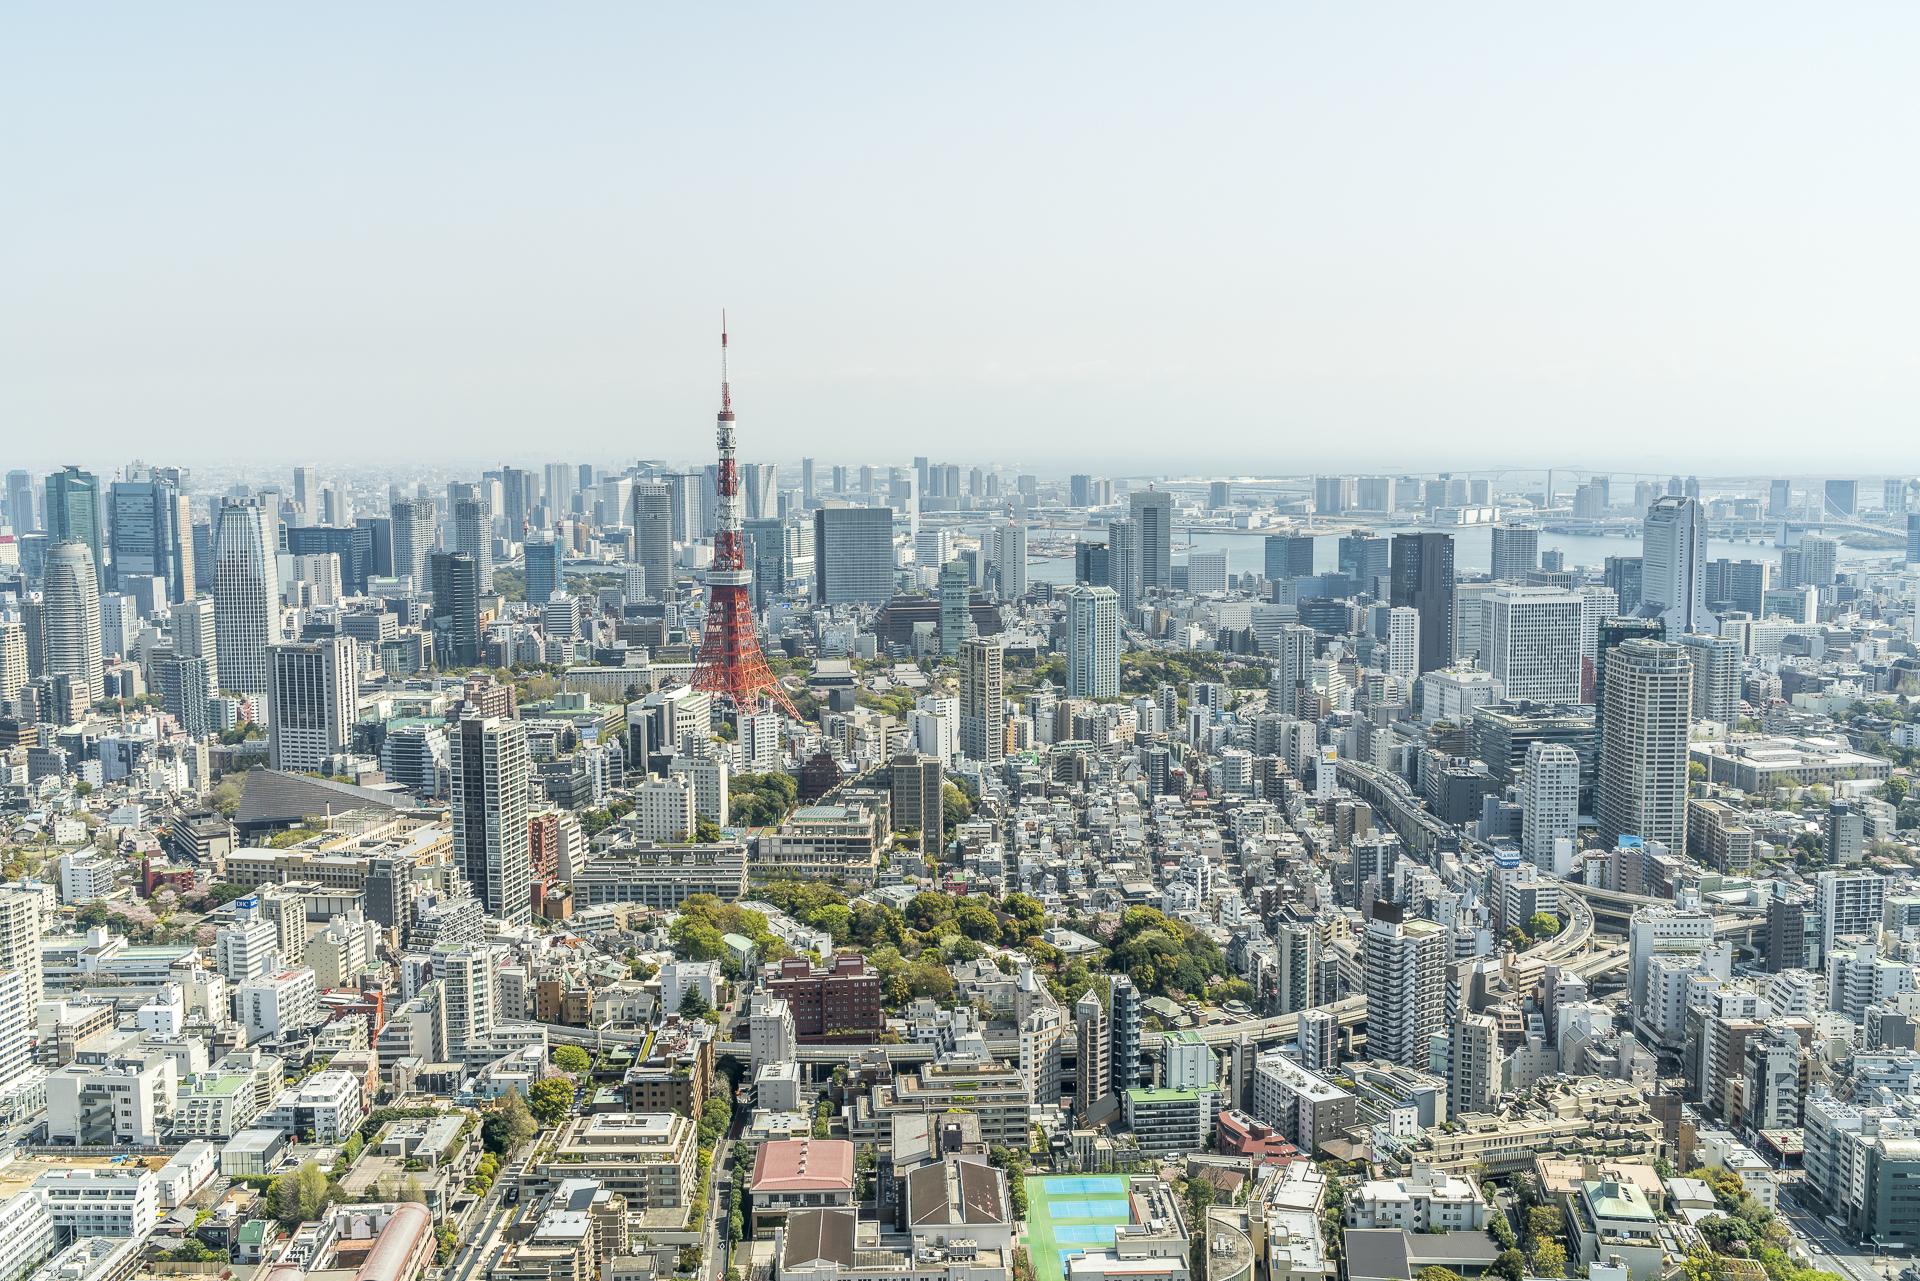 Mori Tower Tokio Roppongi Hills